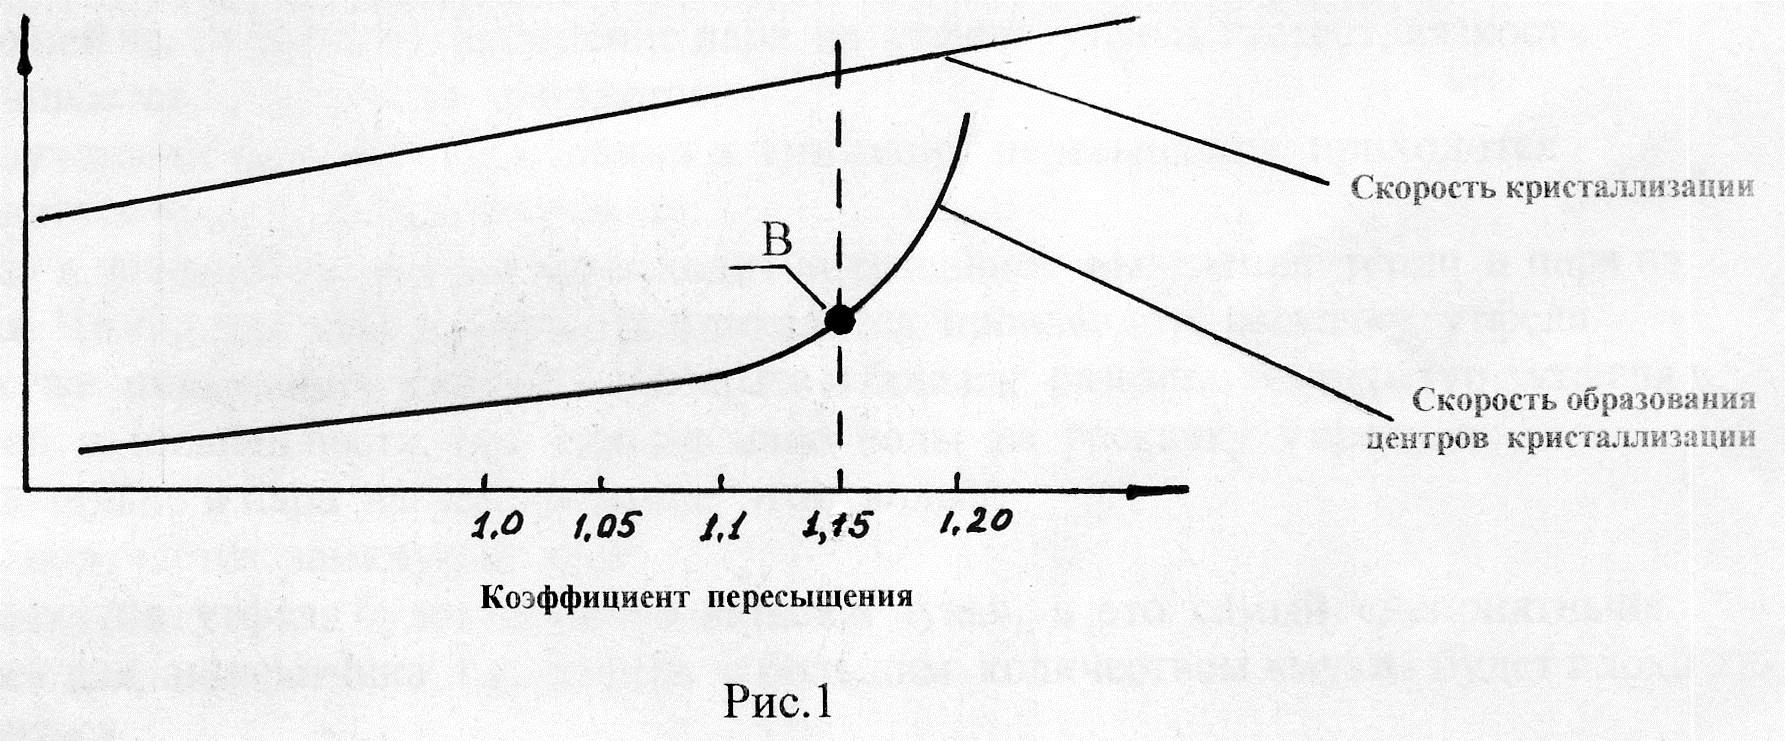 kristallizaciya-ris-1